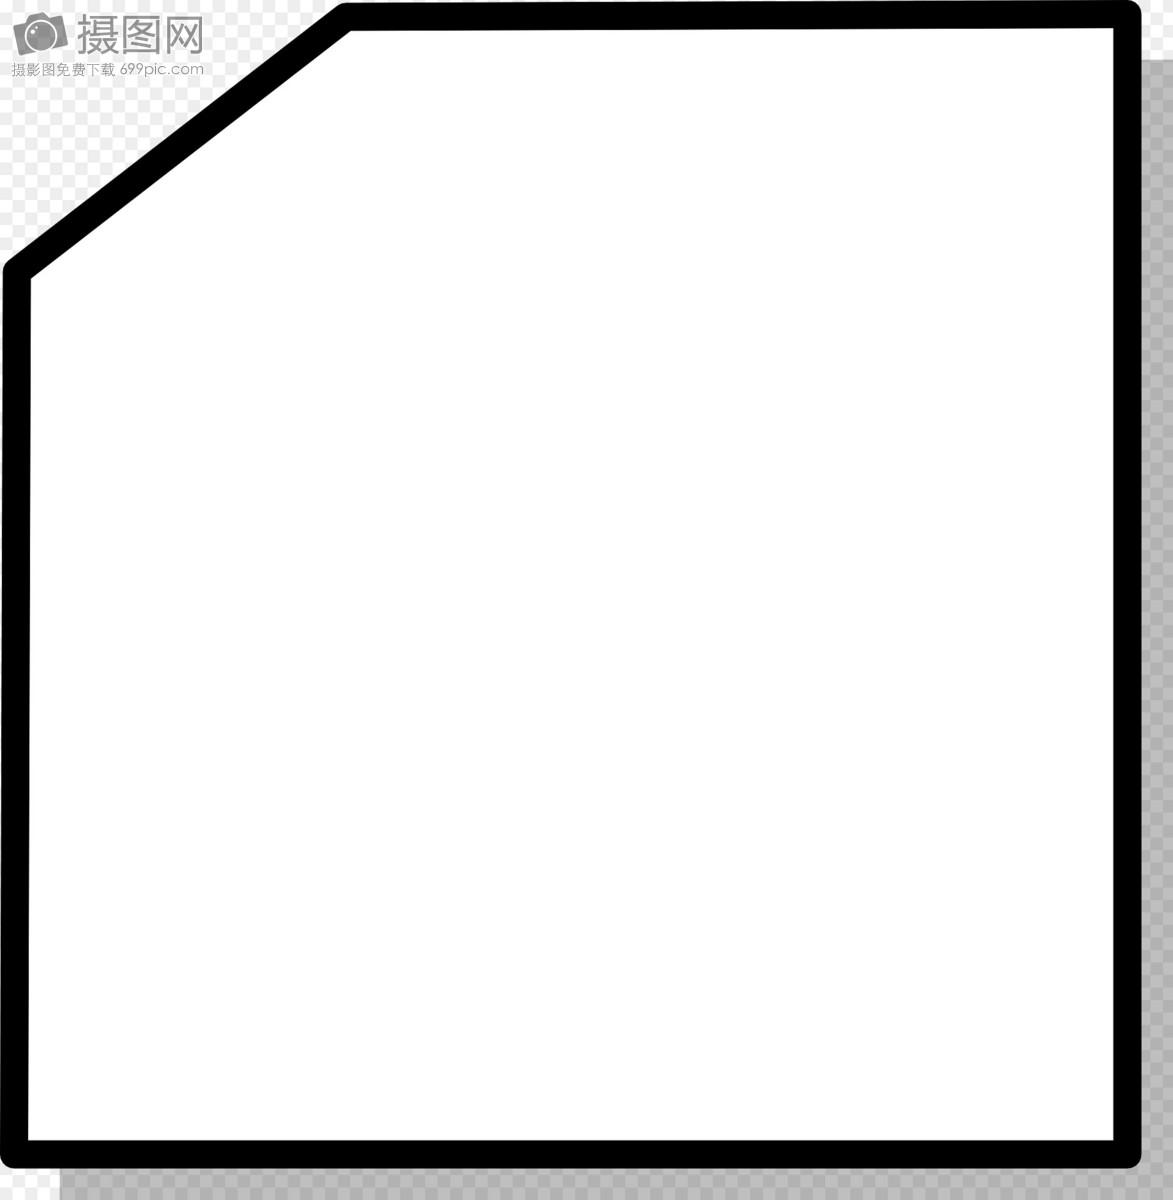 装饰白纸边框画